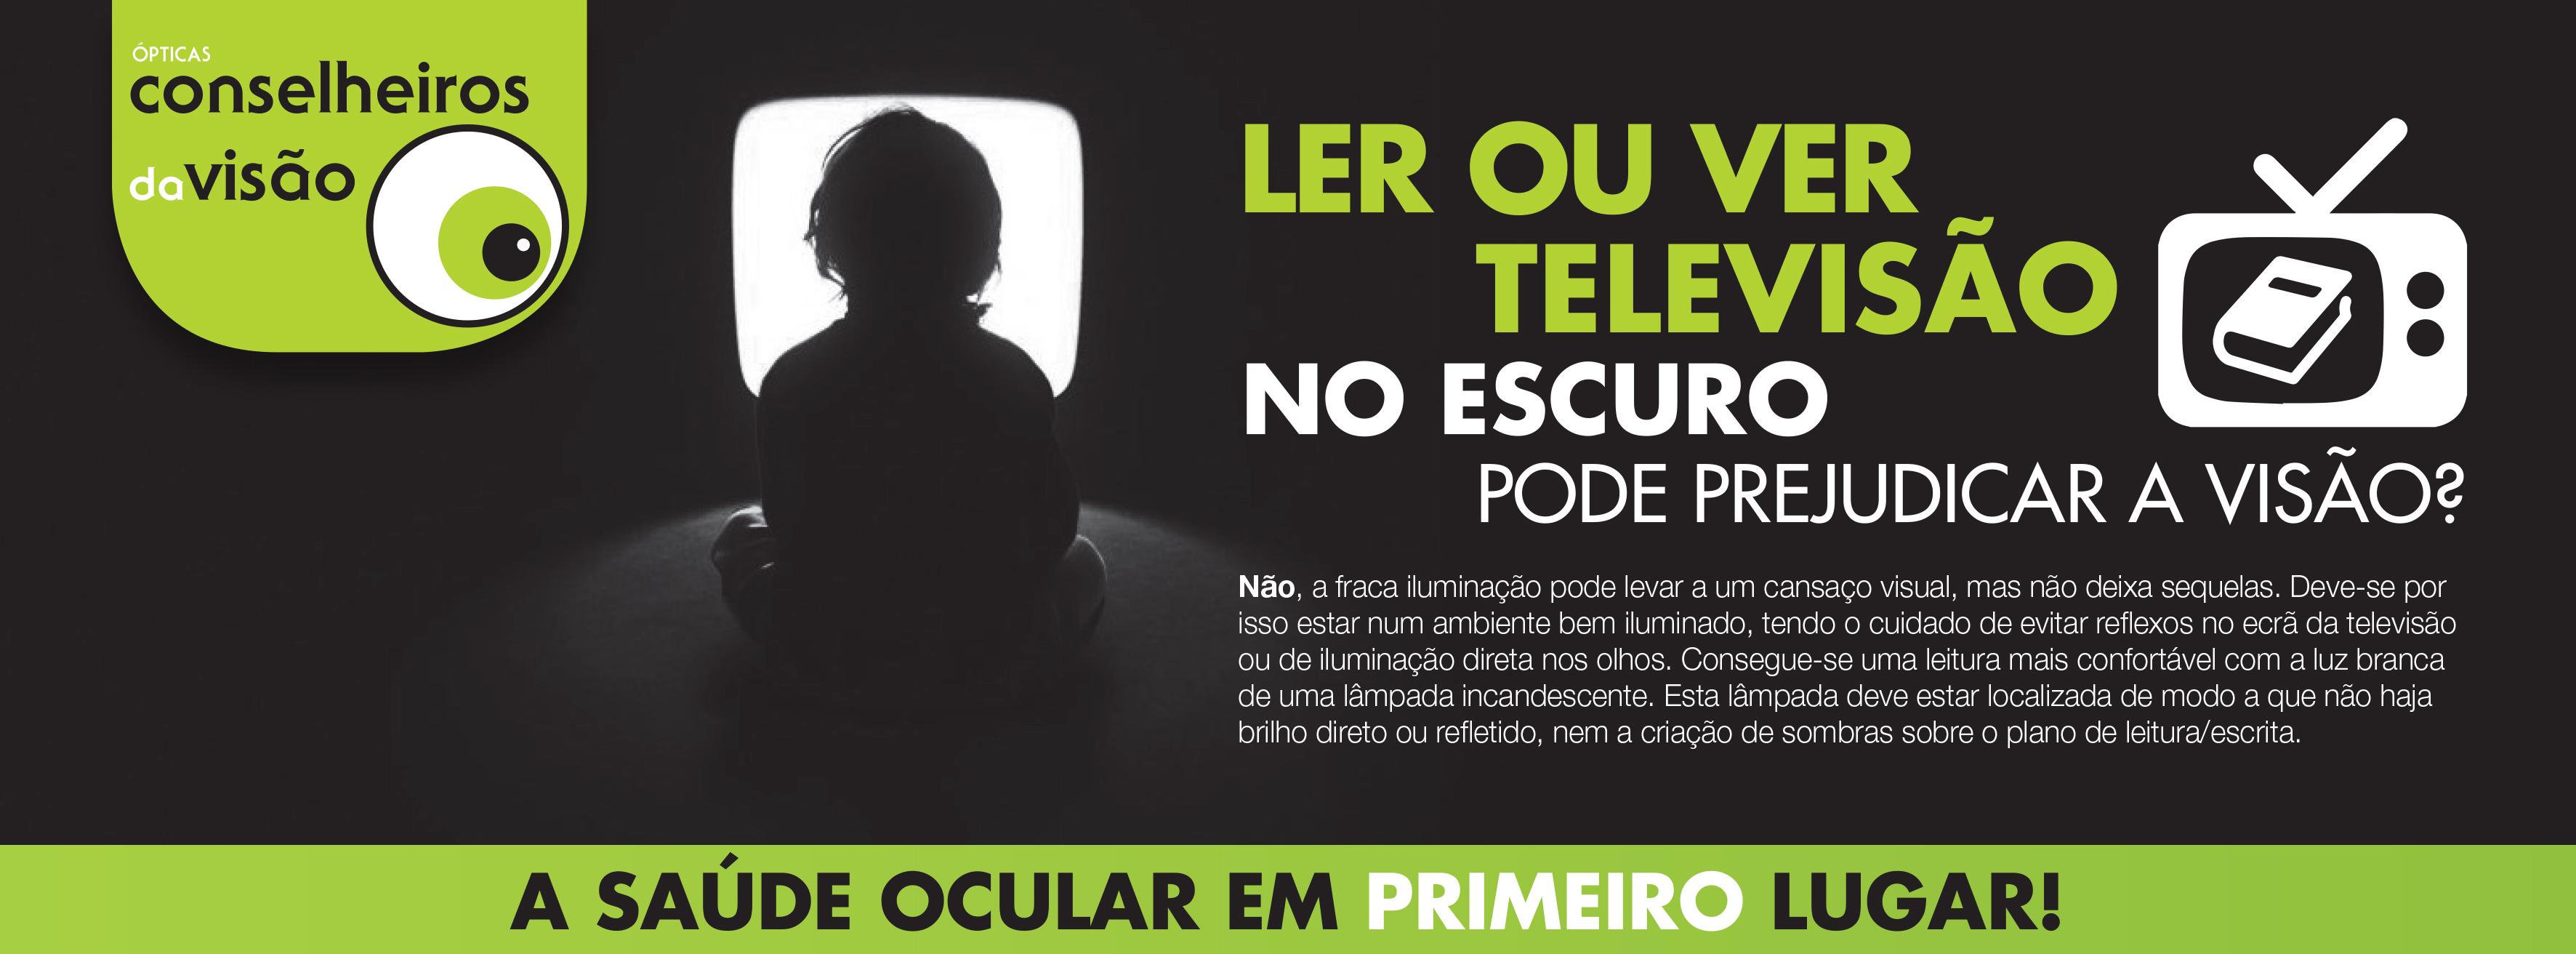 DICA_FACE_ler_ver_televisao_escuro_v1